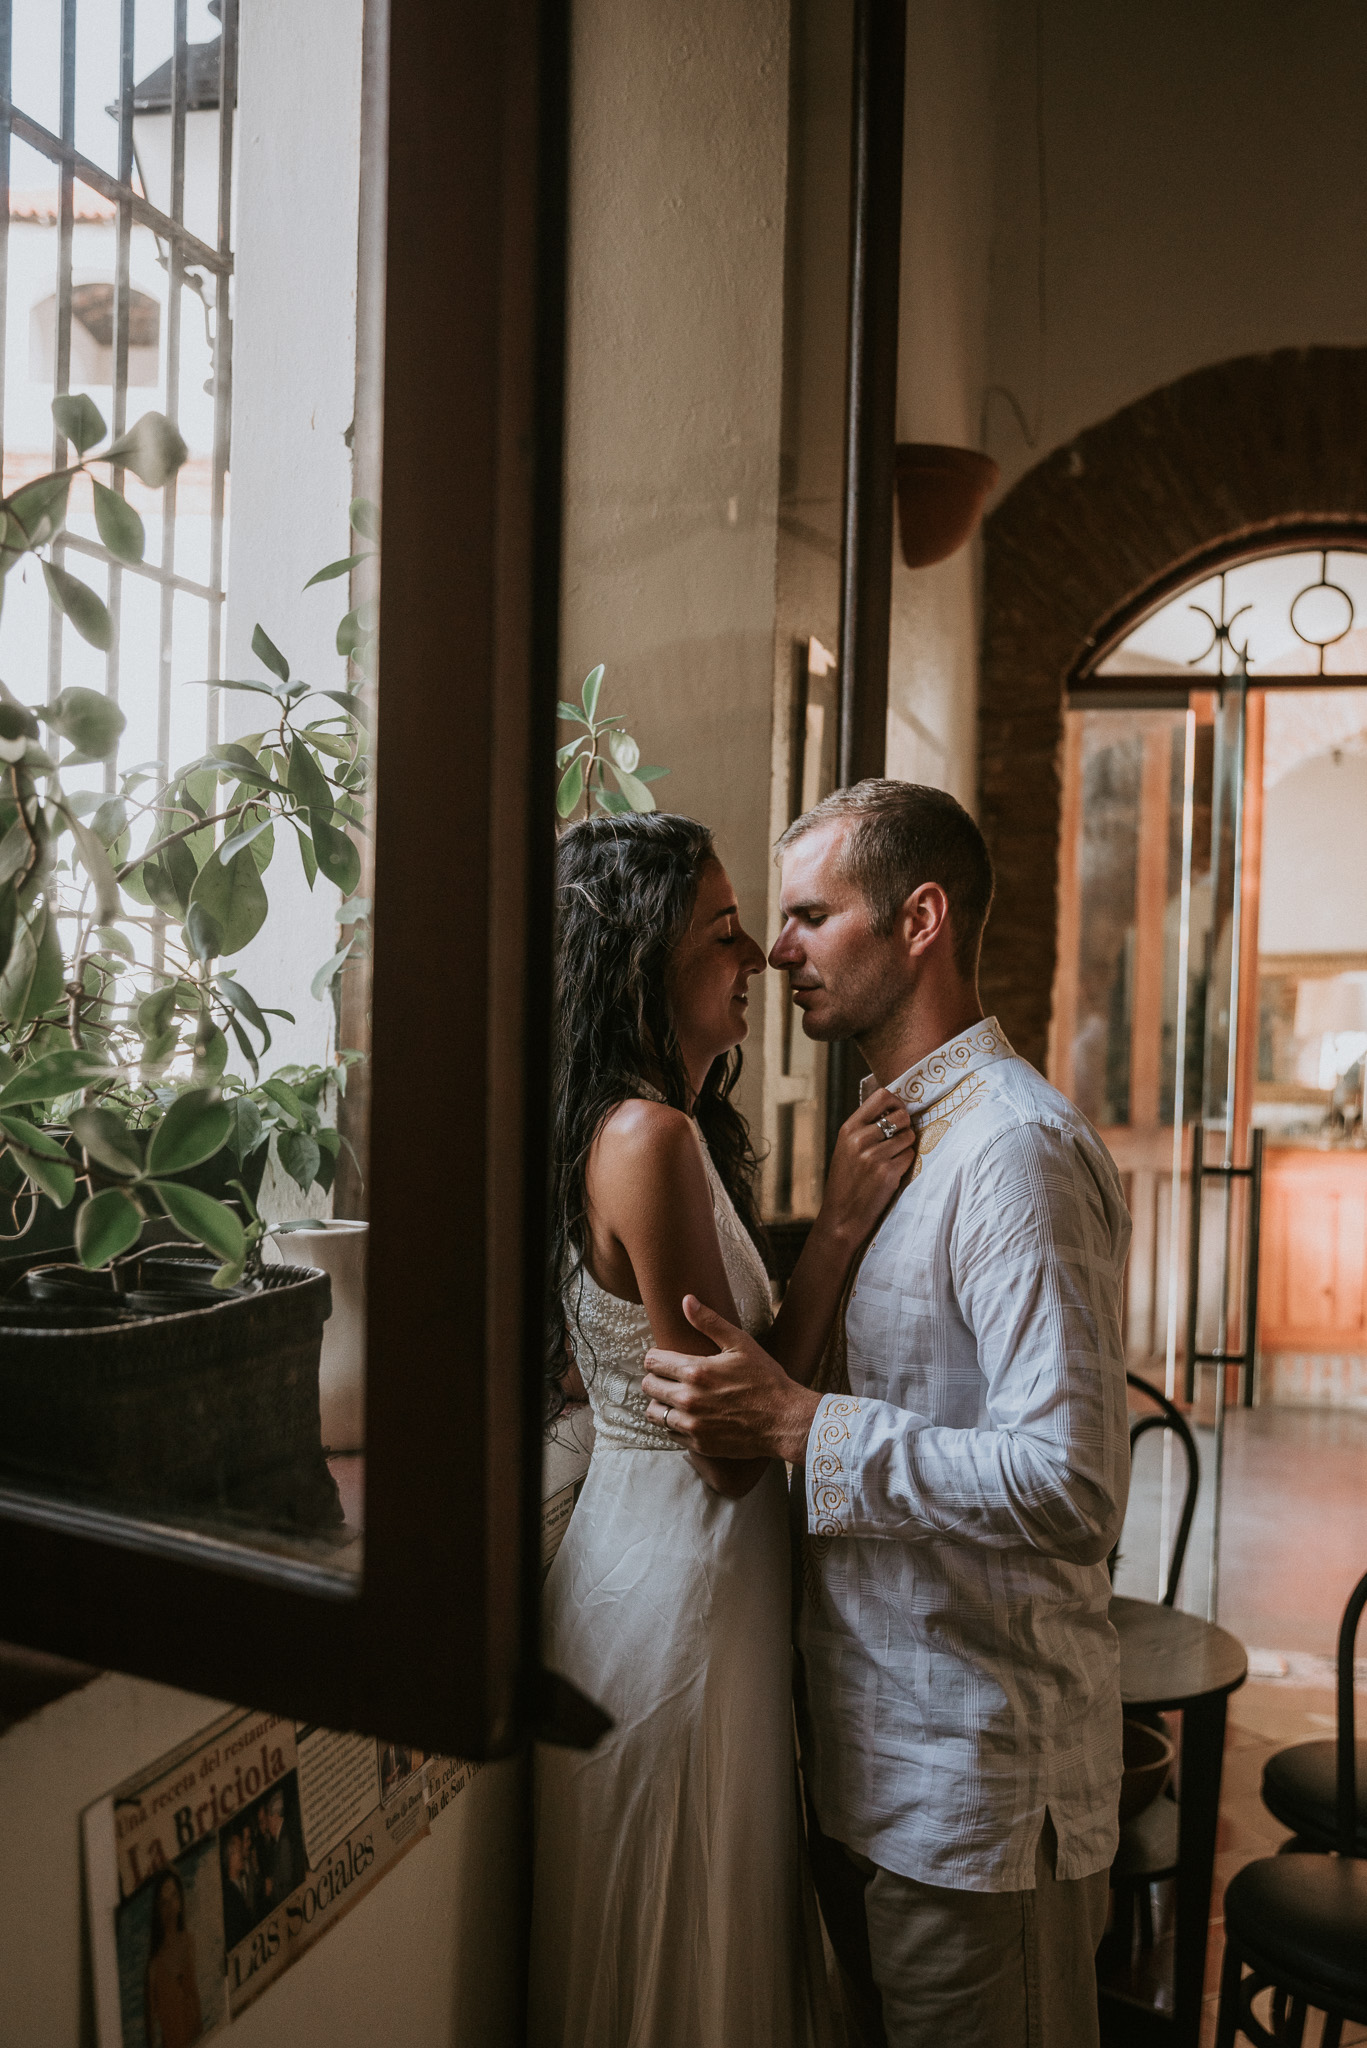 Valerie & Zack Prbeoda-76.jpg